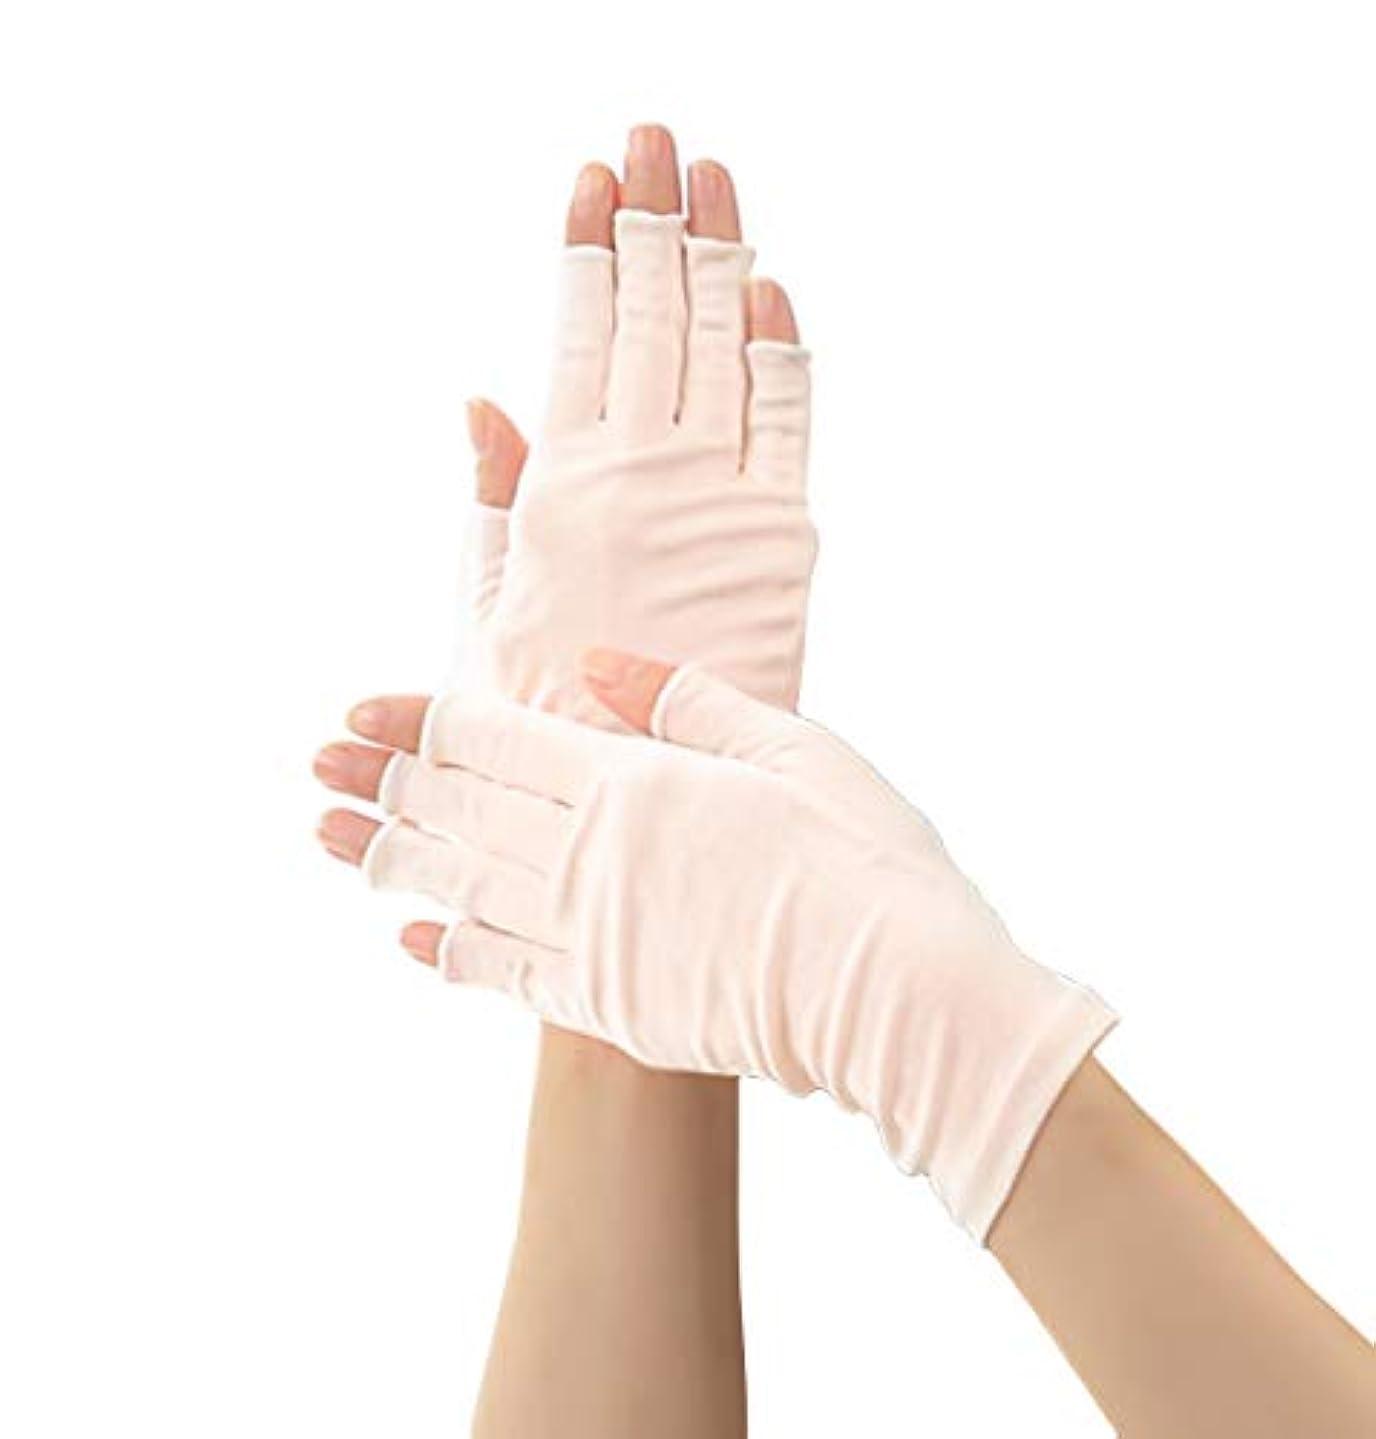 トン私の絞るSilk 100% シルク 手袋 指先カット タイプ 薄手 オールシーズンOK 外出時の 紫外線 UV 対策 スマホ PC 操作 や ICカード 取り出しもらくらく! 手首 ゆったり おやすみ フィンガーレス スキンケア...